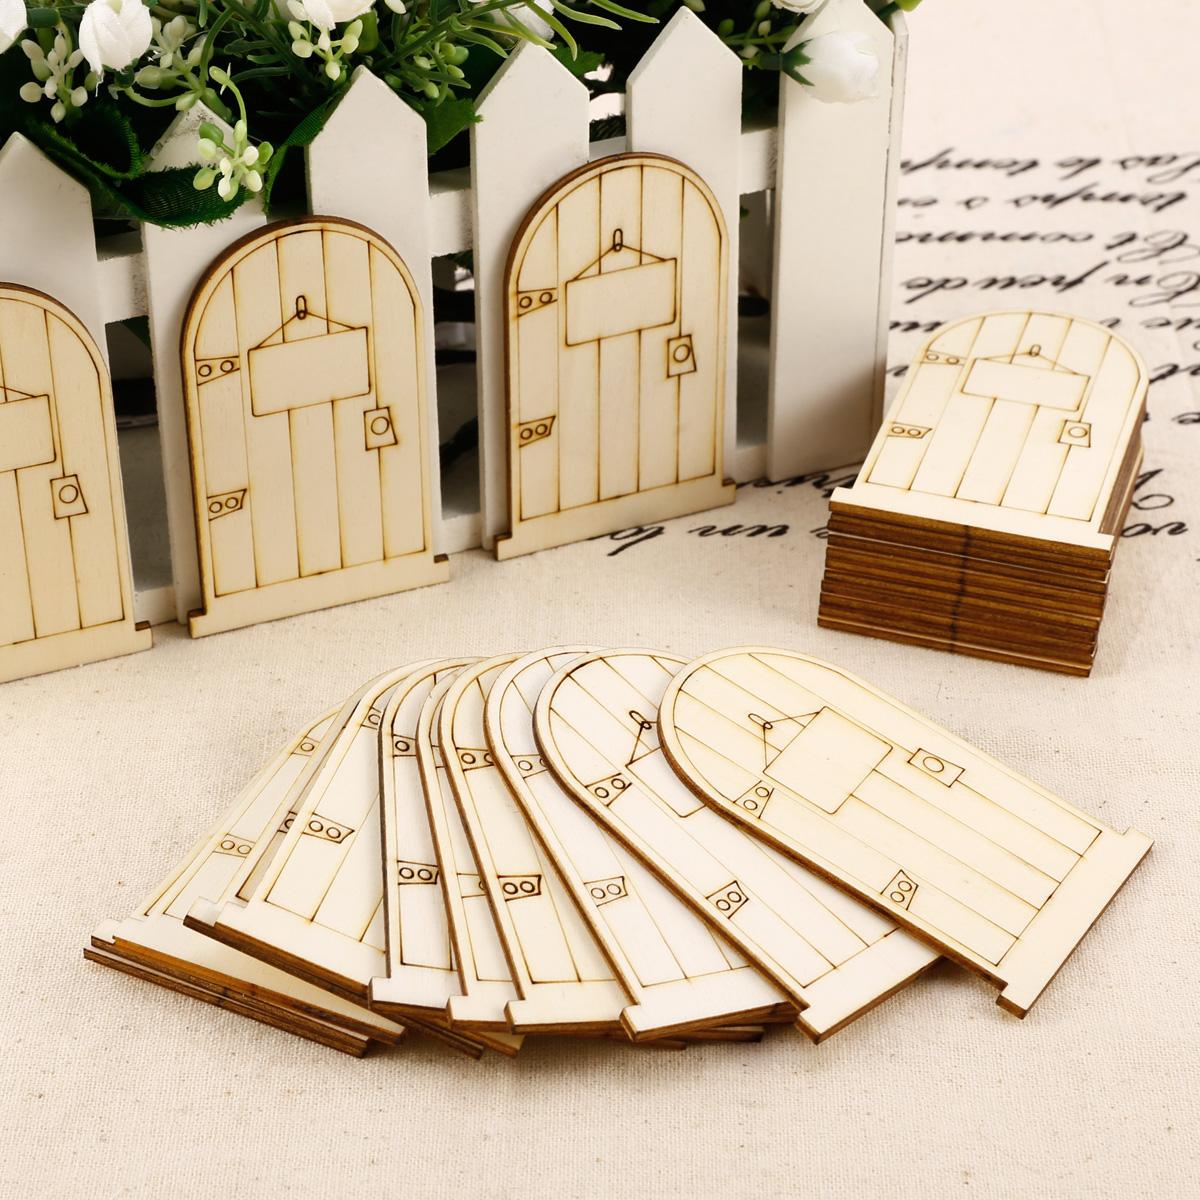 25x laser cut wooden fairy elf doors unpainted with plaque for Wooden elf door